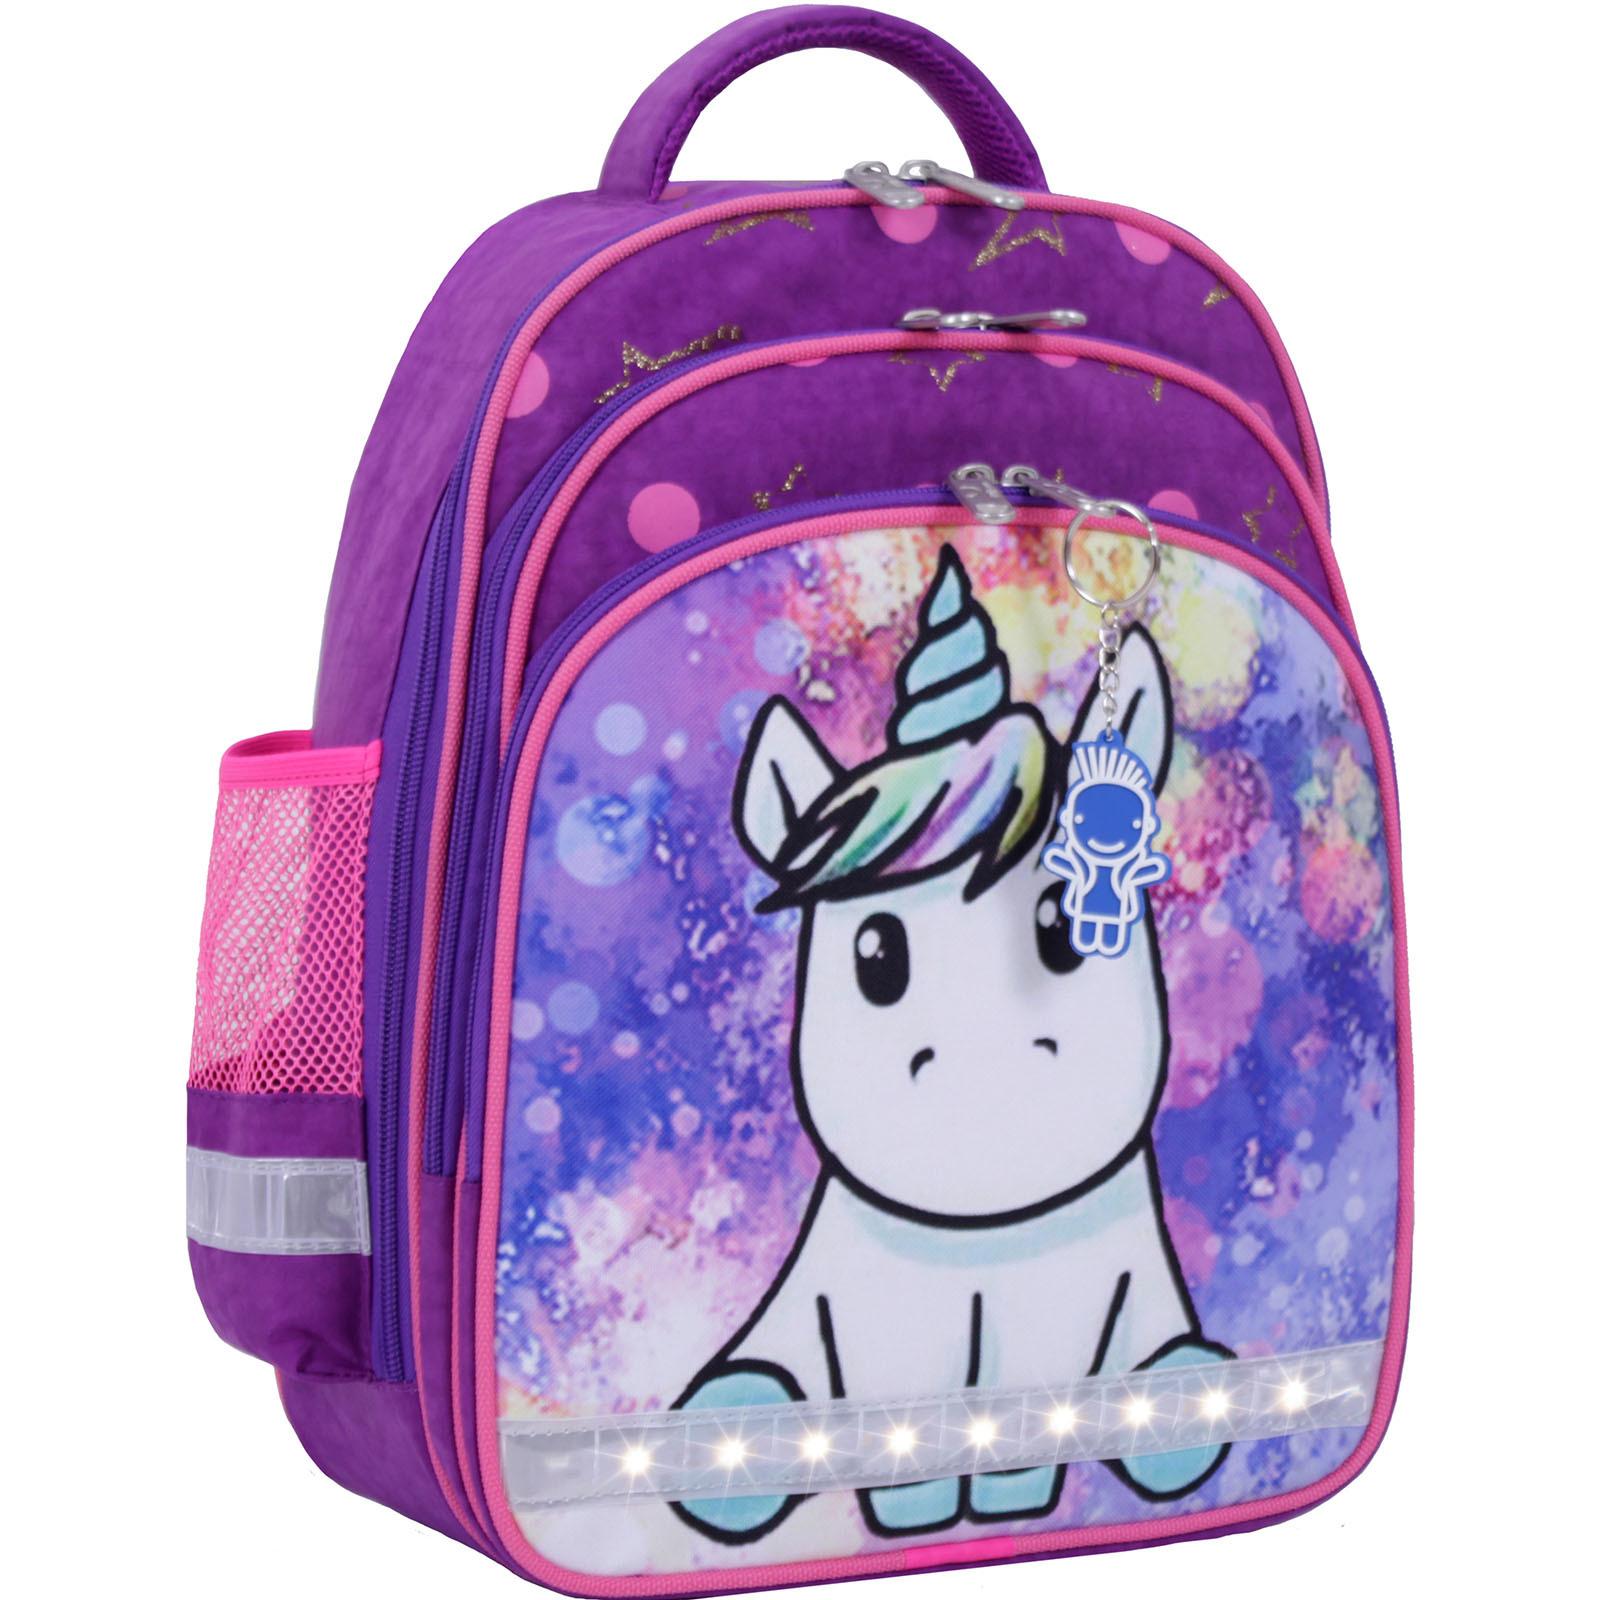 Рюкзак школьный Bagland Mouse 339 фиолетовый 428 (0051370) фото 1